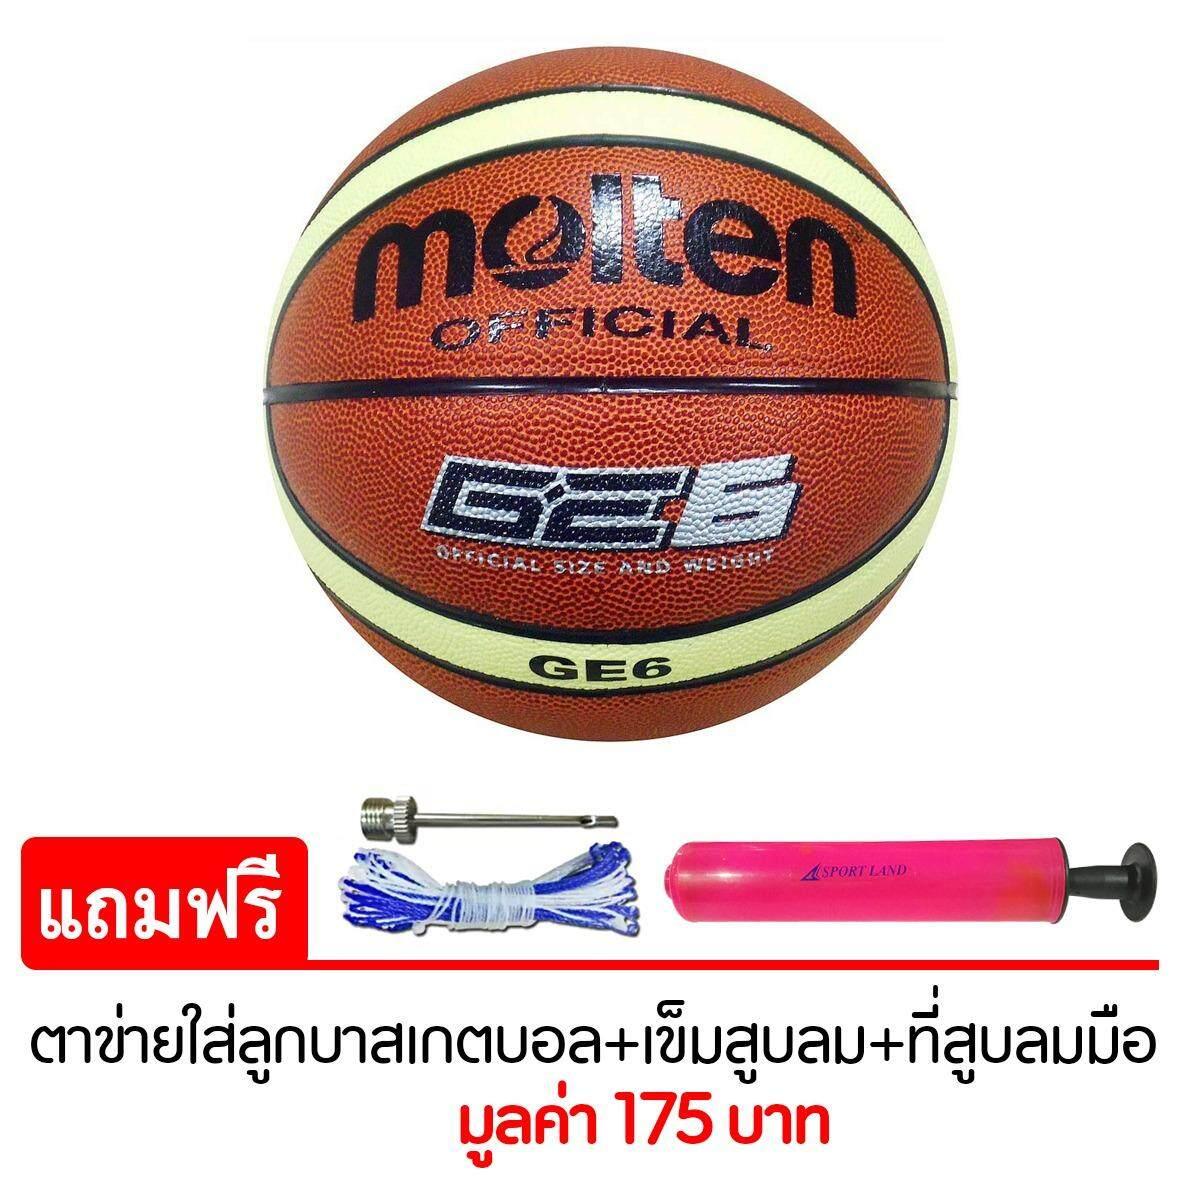 ราคา Molten Basketball Pvc Mot รุ่น Bge6 สีส้ม แถมฟรี ตาข่ายใส่ลูกบาสเกตบอล เข็มสูบสูบลม สูบมือ Spl รุ่น Sl6 สีชมพู Molten ออนไลน์